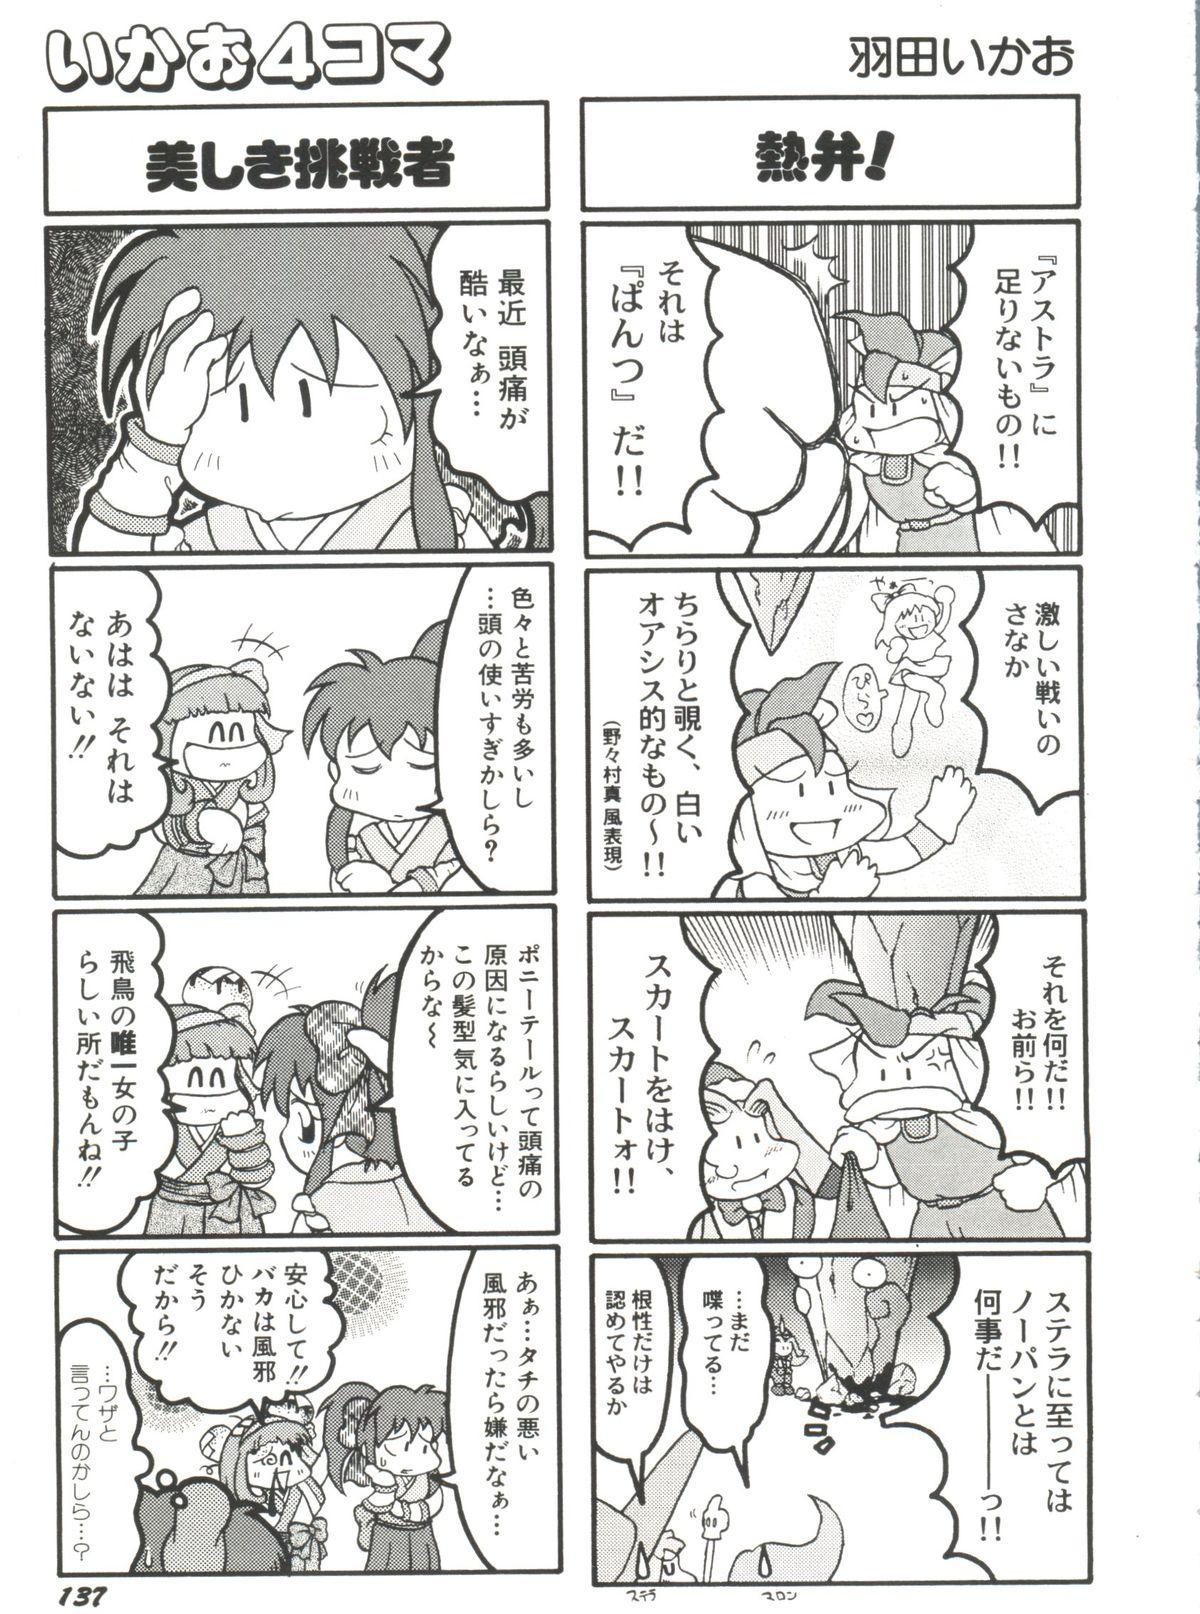 Denei Tamatebako 6 - Nishinhou no Tenshi II 132